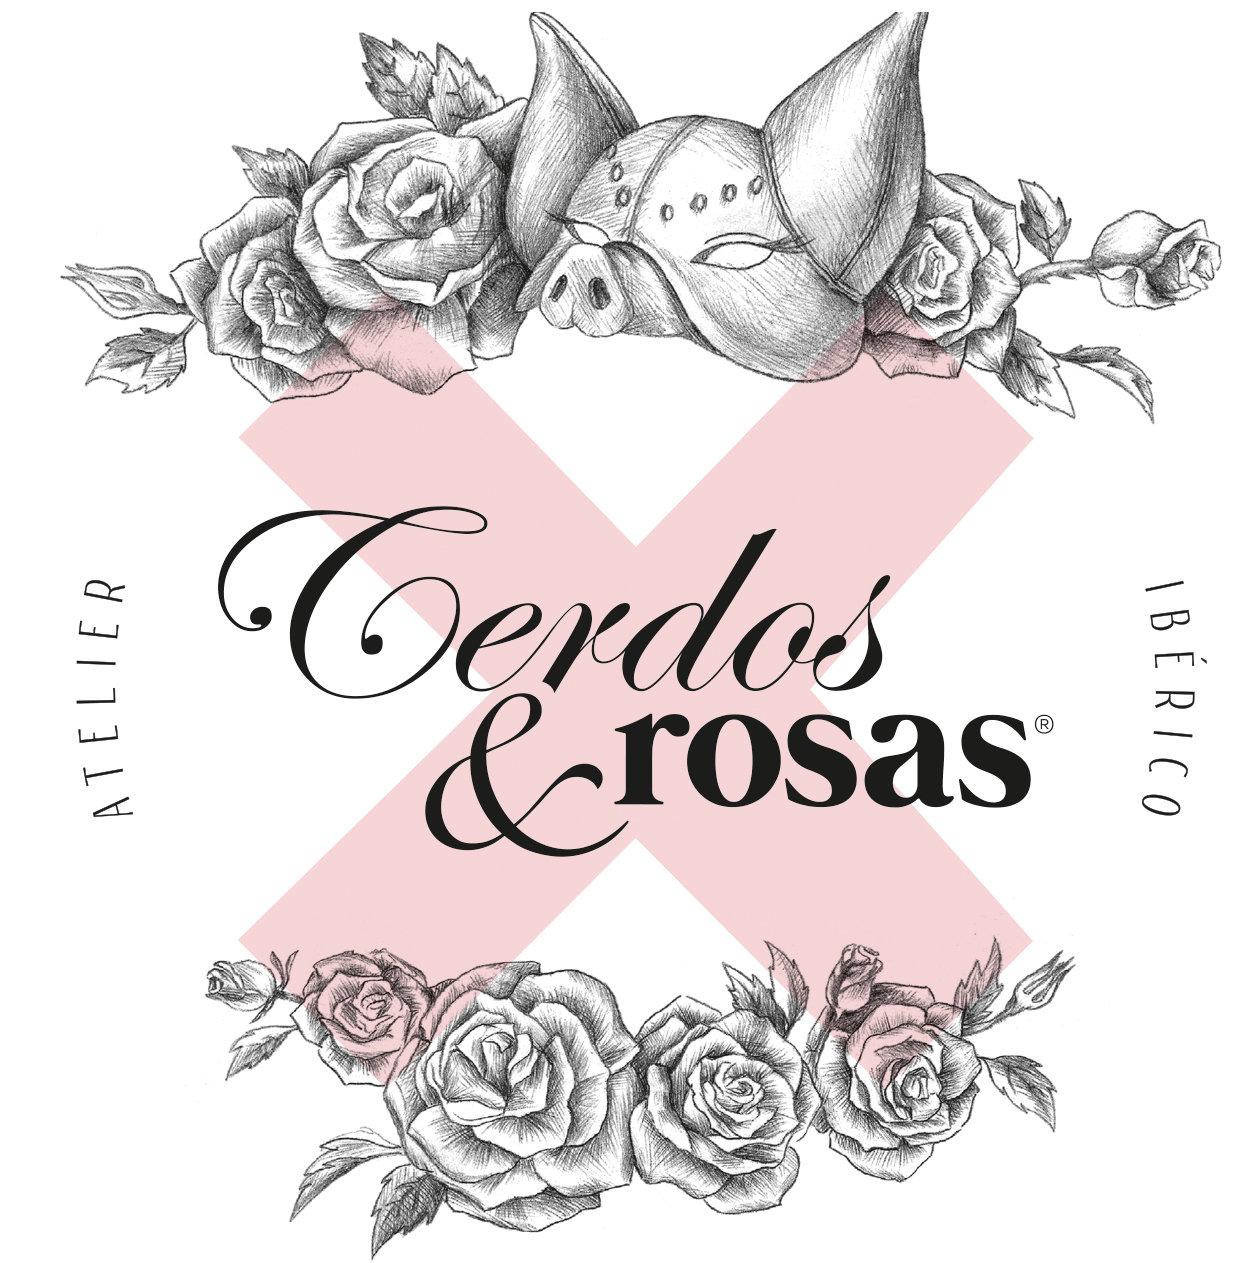 Cerdos y Rosas: Solomillo de Ibérico de Bellota. Peso aproximado 0.3kg